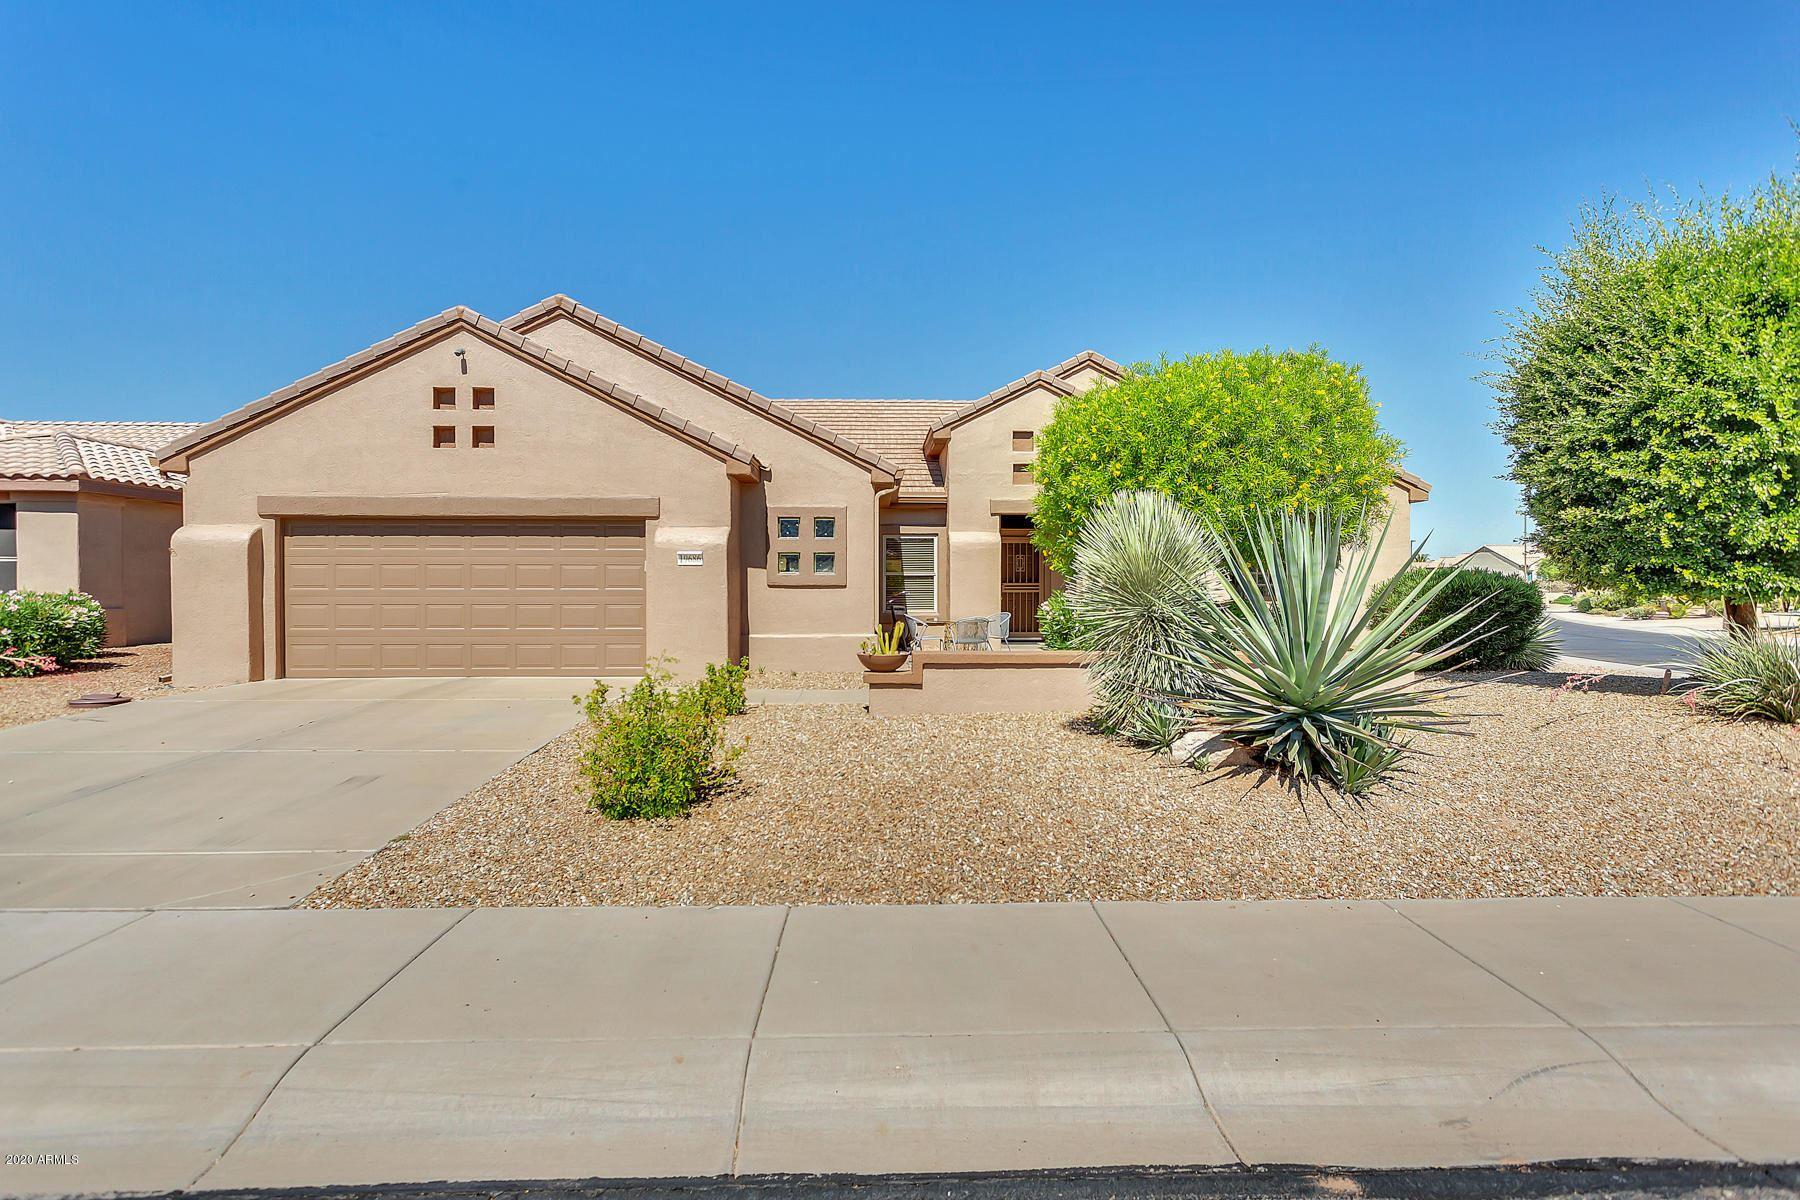 19686 N COBBLESTONE Court, Surprise, AZ 85374 - MLS#: 6083643